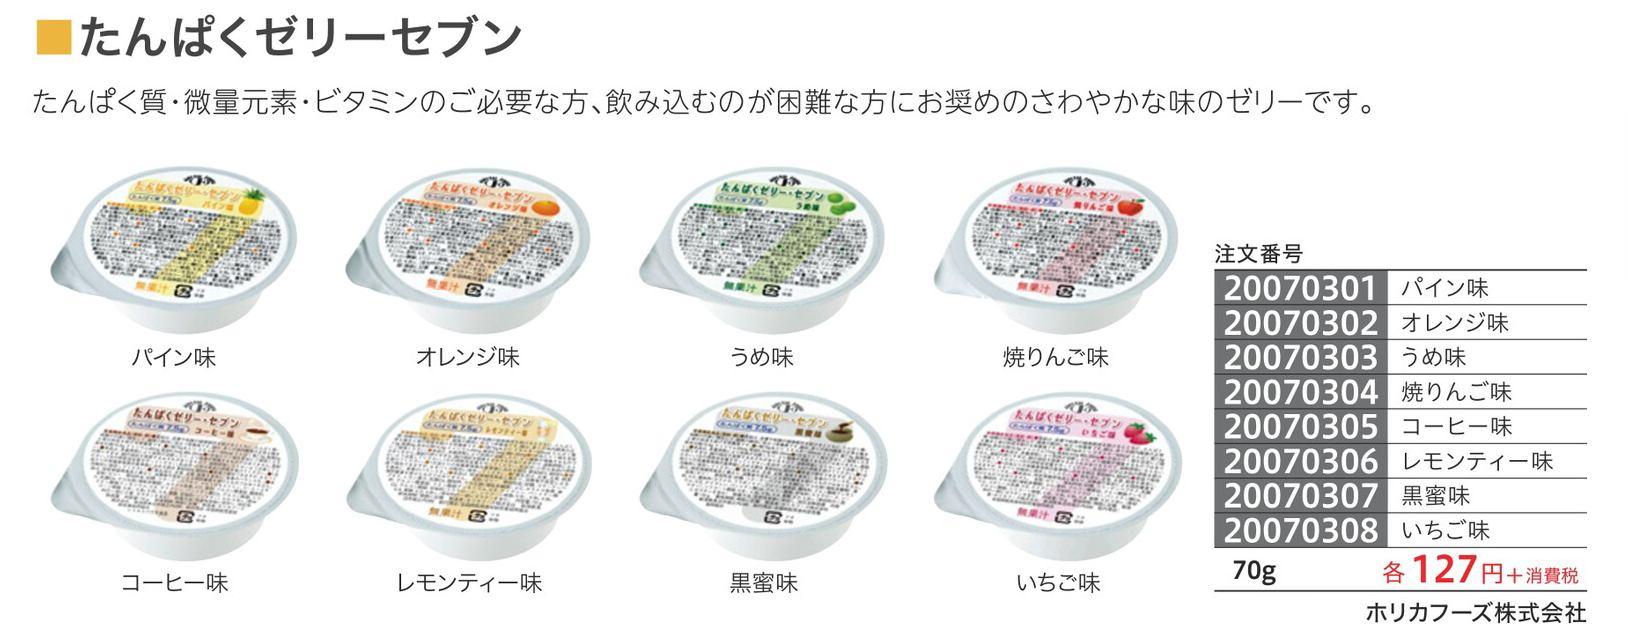 http://www.810810.co.jp/blog_run7/0052_0008.jpg